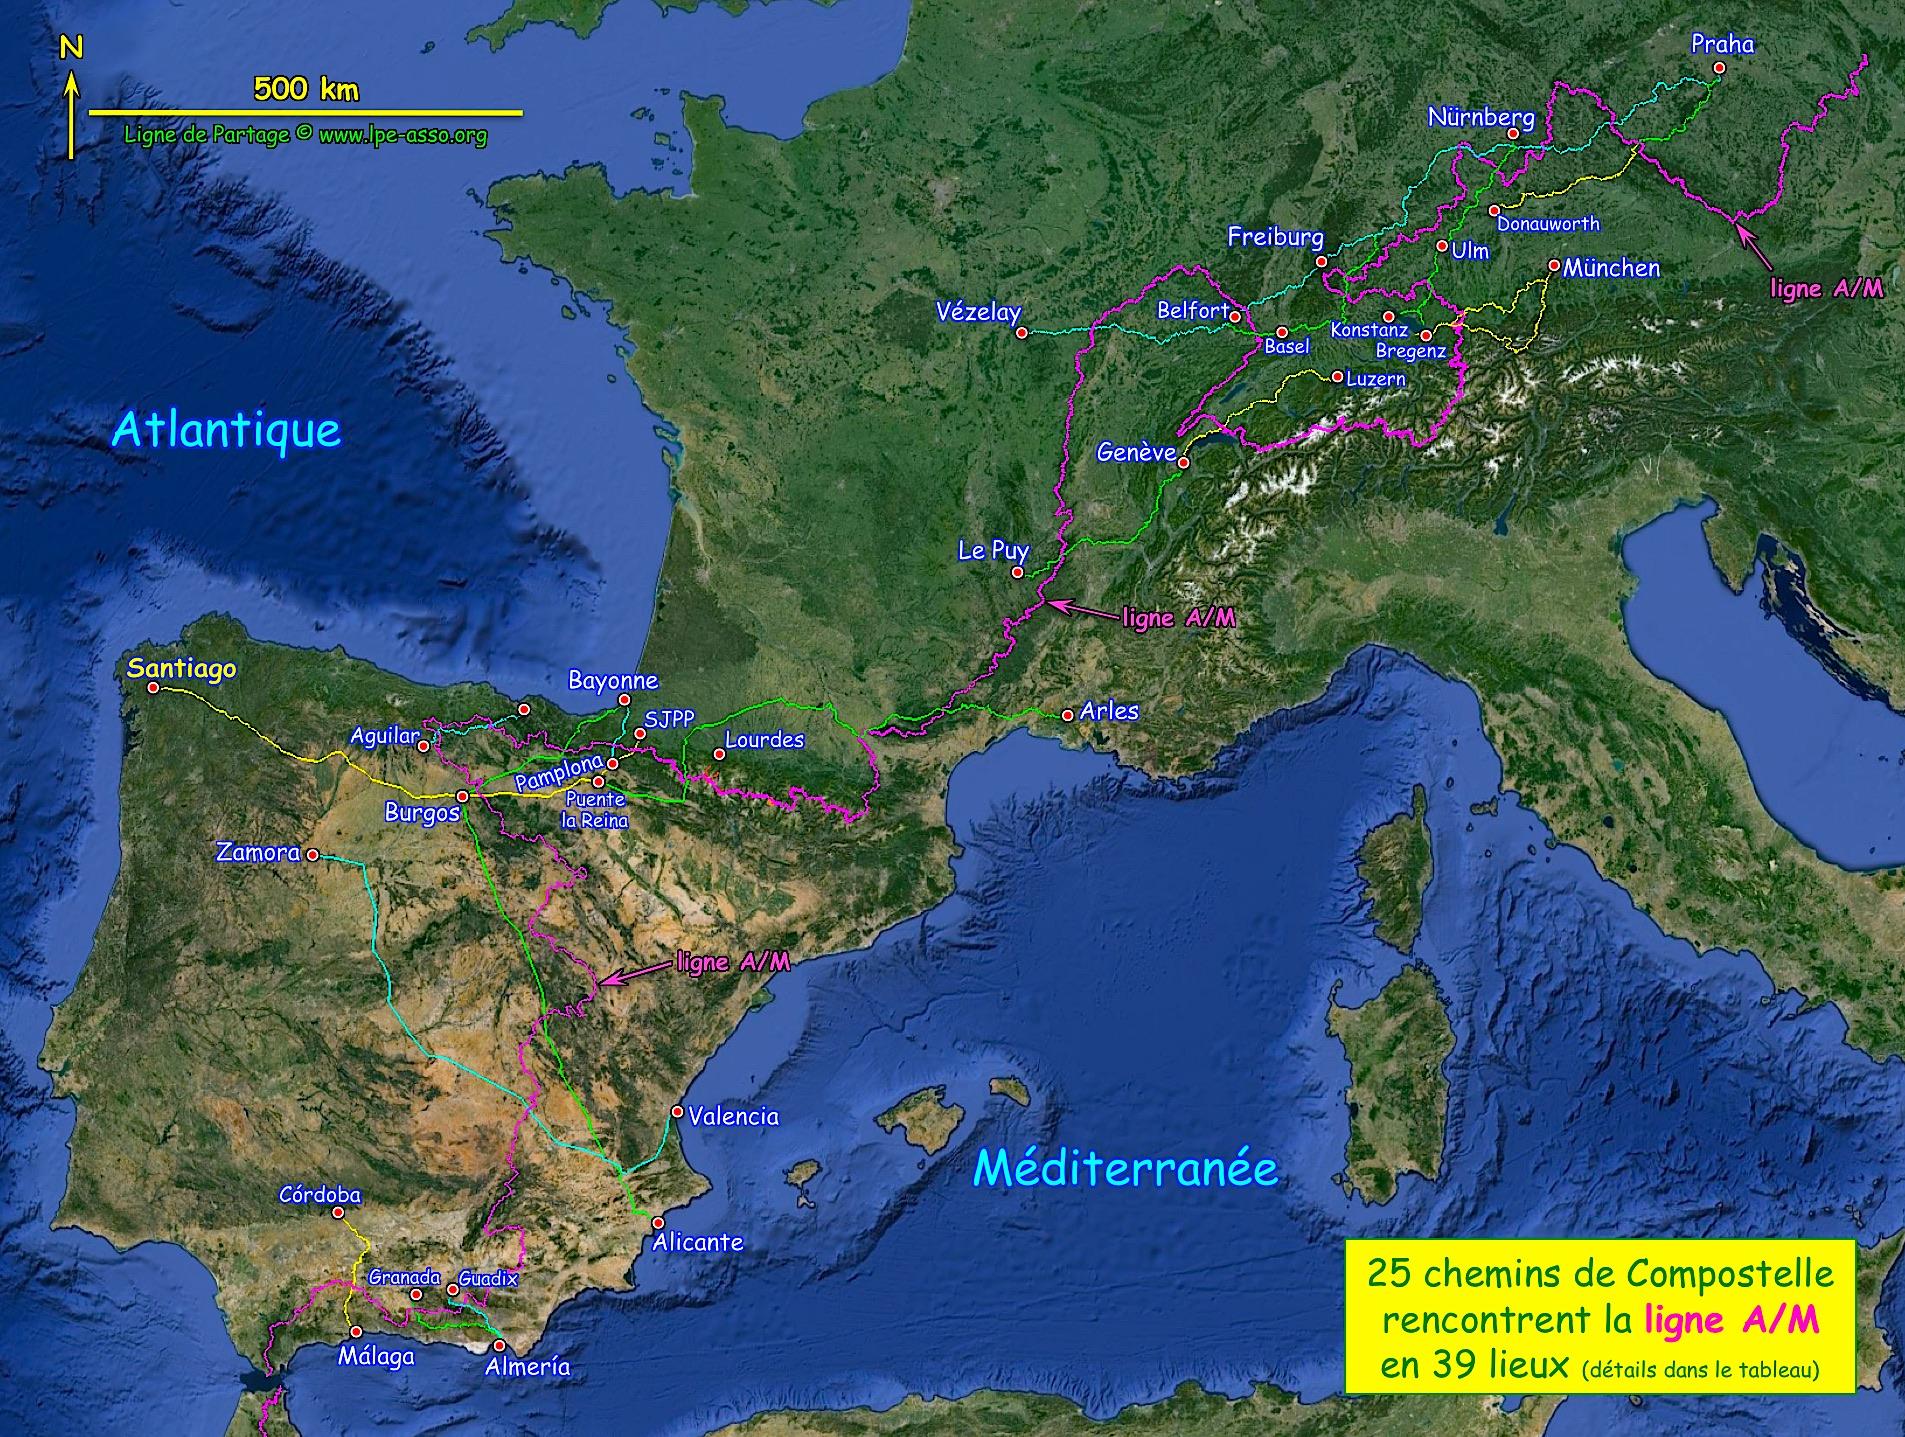 Ligne A/M et Compostelle... ©Pierre-Louis Blaix pour Ligne de Partage